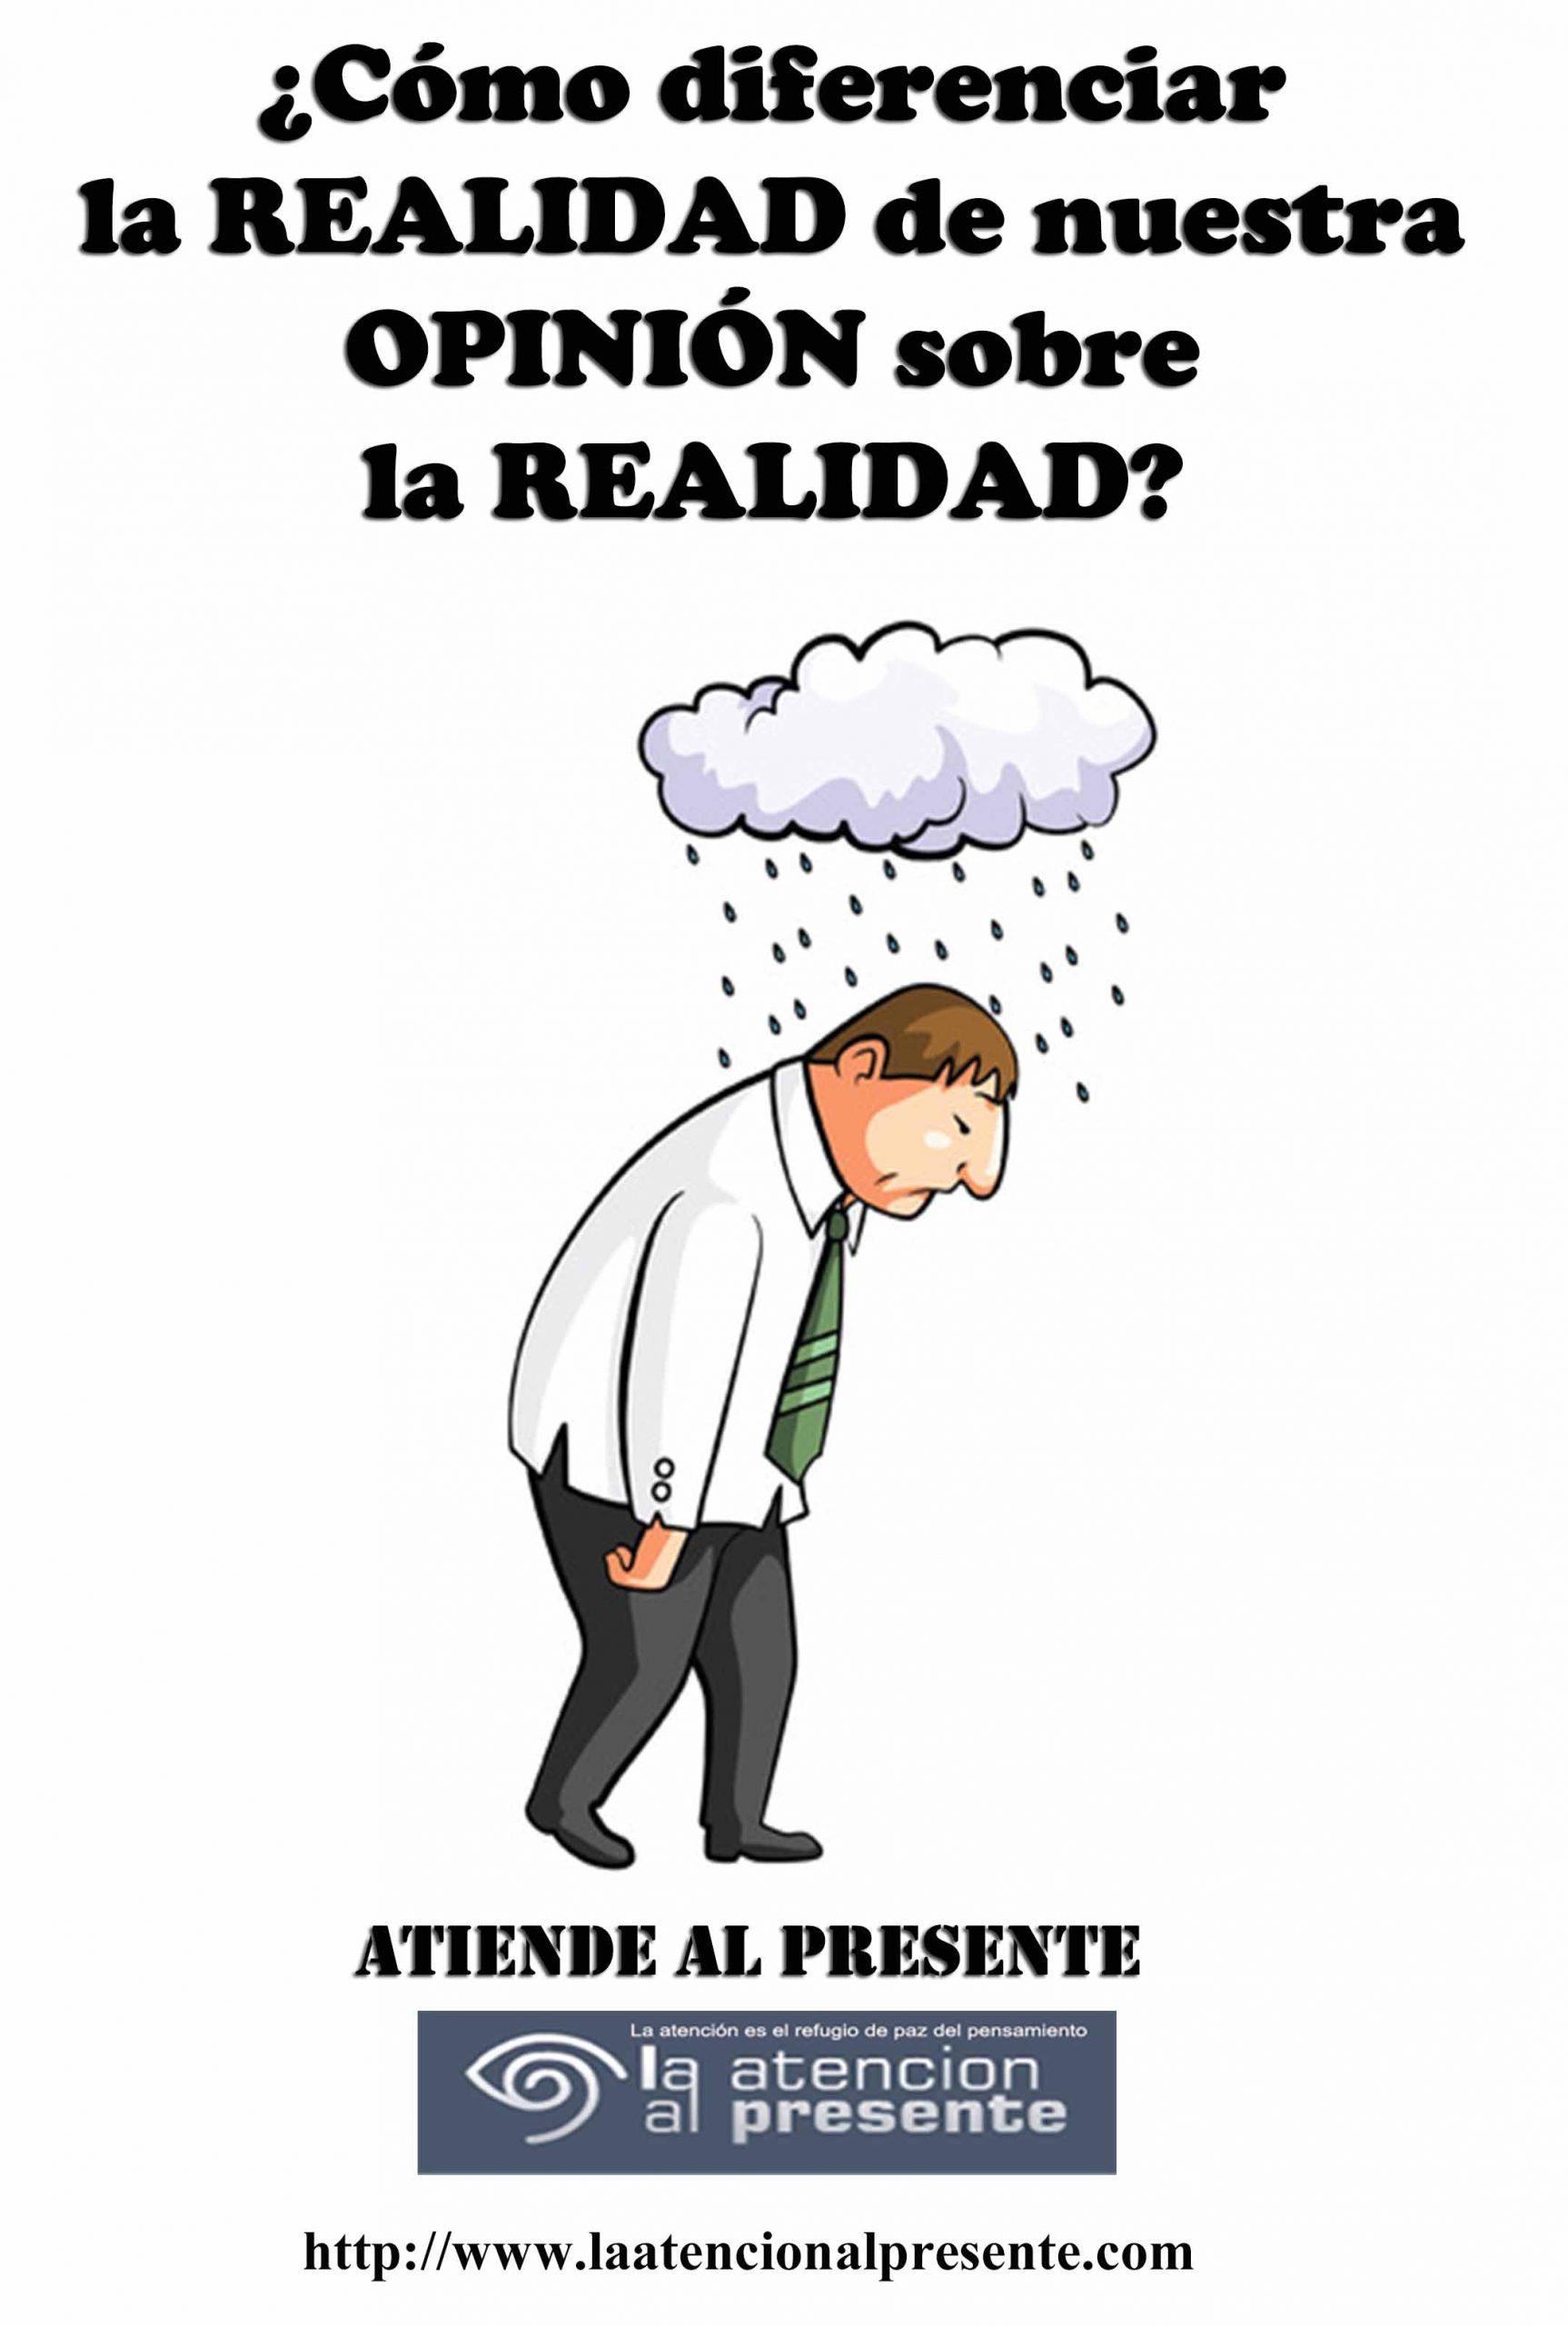 1 de Setiembre Esteban Como diferenciar la REALIDAD de nuestra opinion sobre la REALIDAD scaled